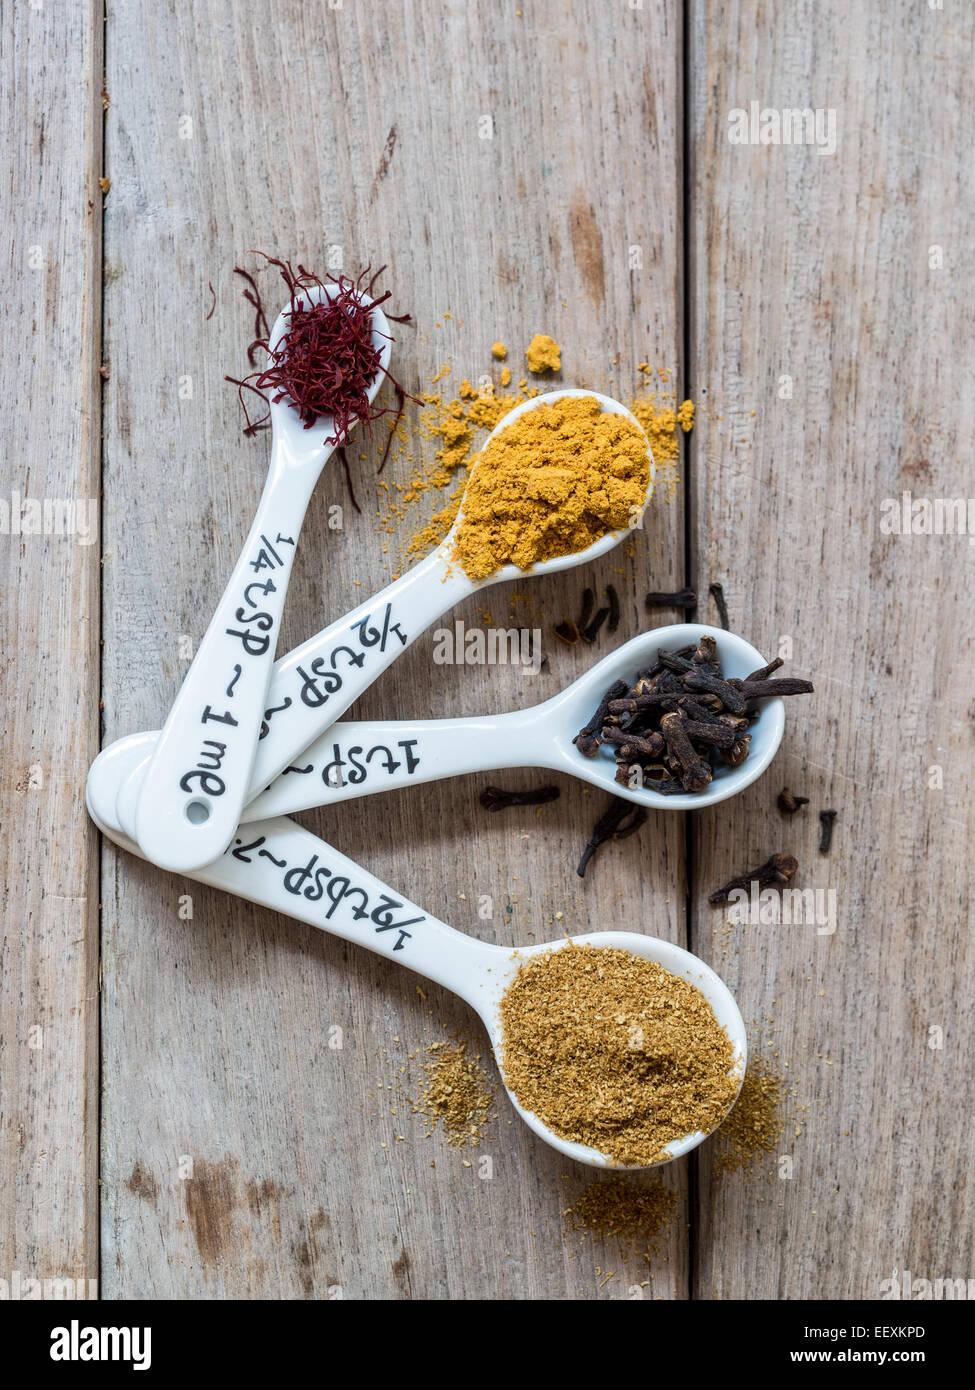 Spezie provenienti da Zanzibar: Zafferano Curcuma, chiodi di garofano e cumino. Immagini Stock